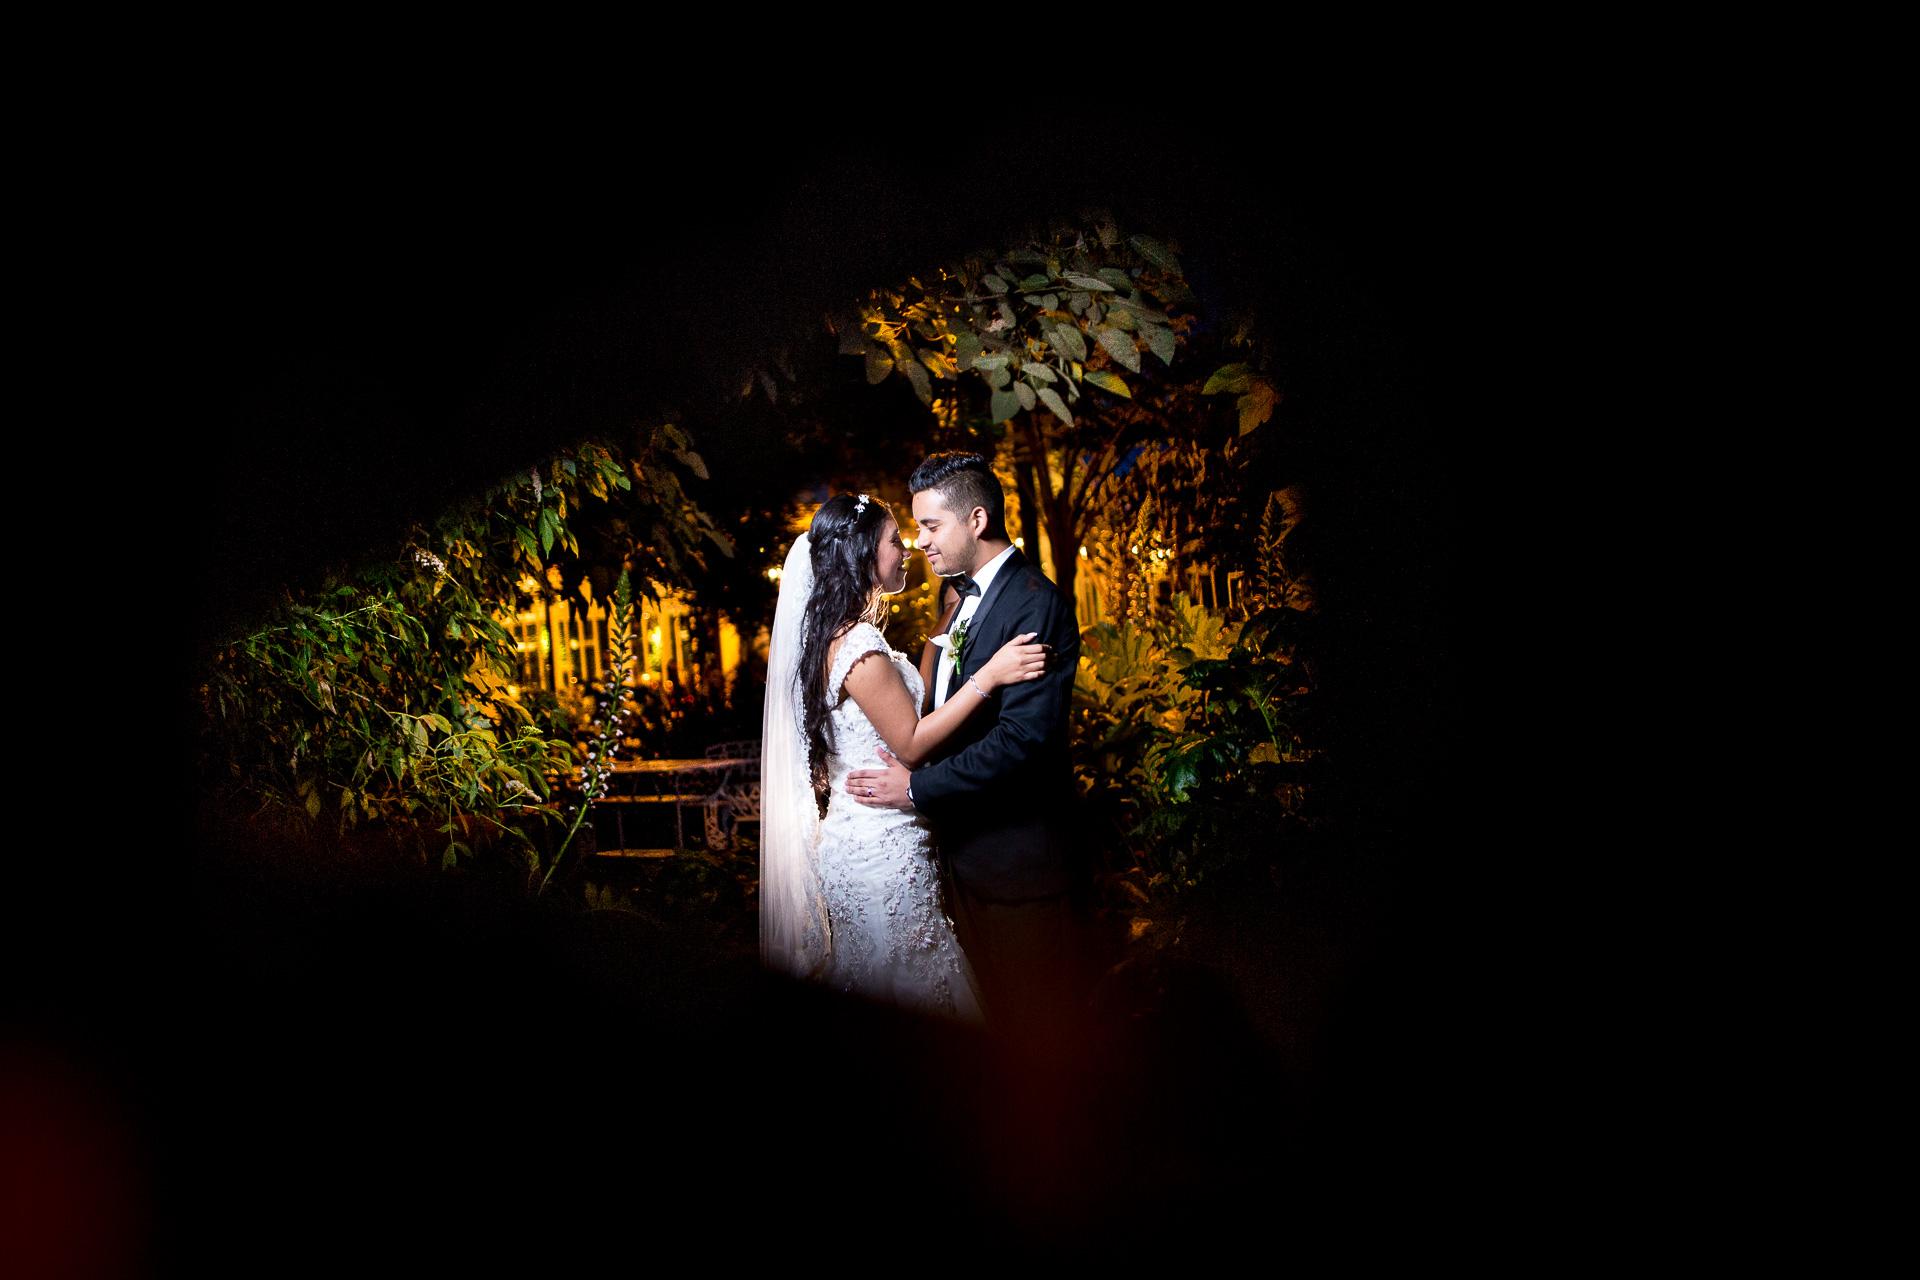 Fotógrafos-de-bodas-en-Colombia-Alejandro-y-Angelica-42-2 ALEJANDRO + ANGELICA